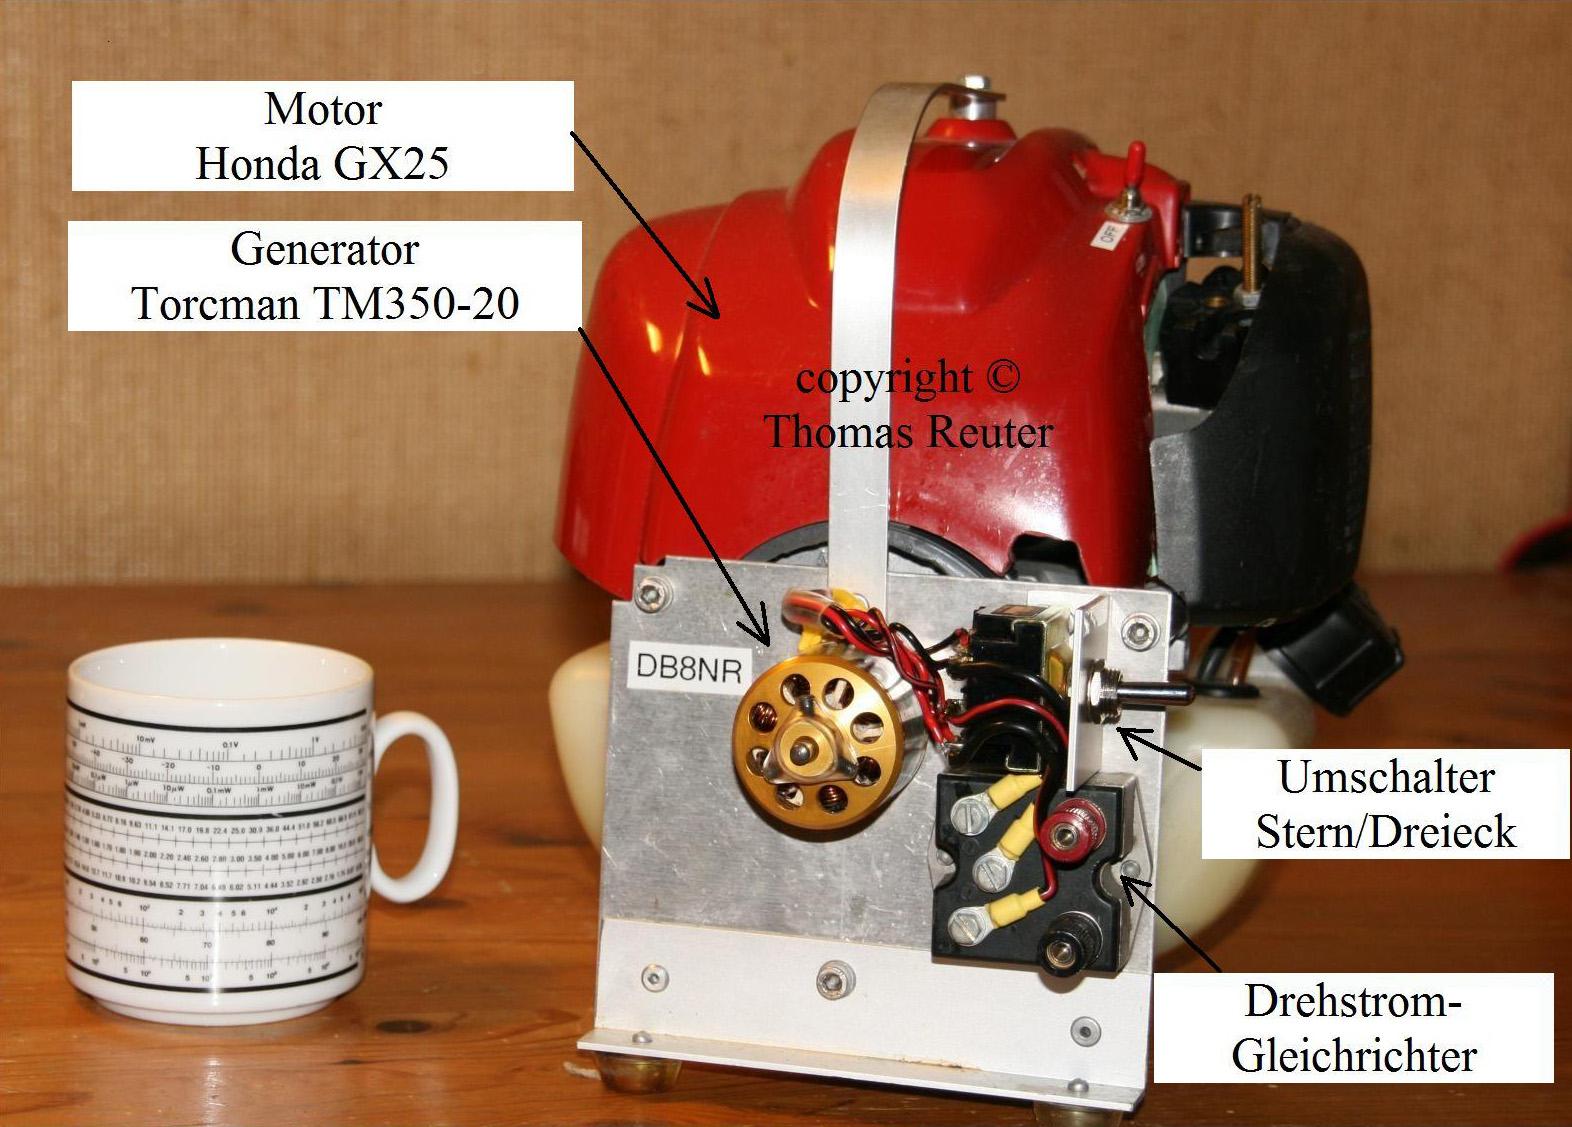 Brushlessmotor Stern Oder Dreieckschaltung